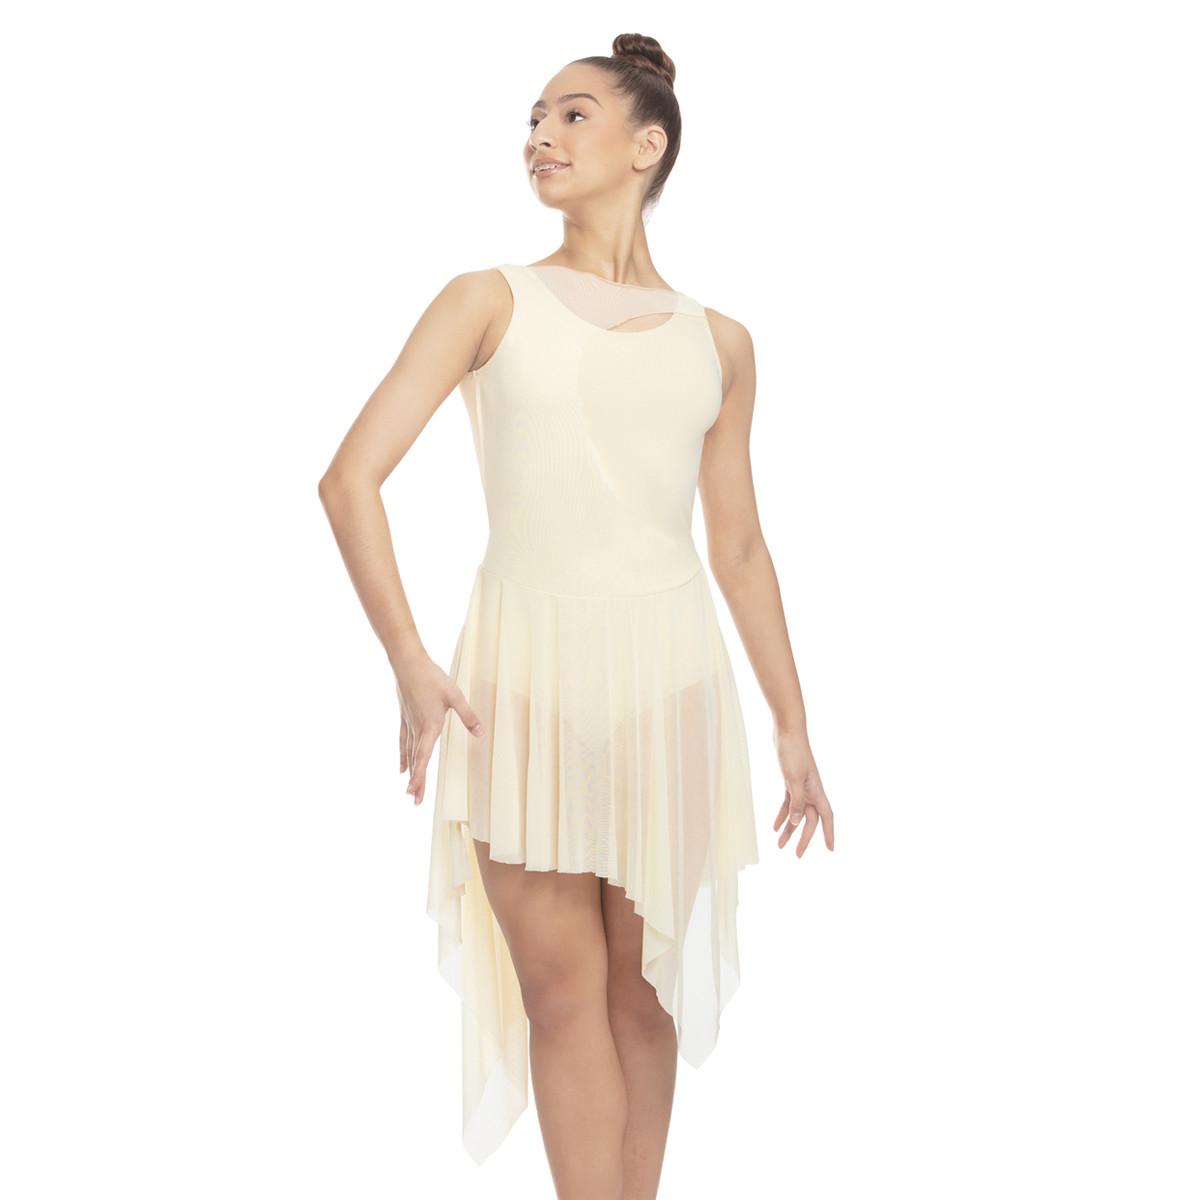 ASYMMETRICAL TANK DRESS